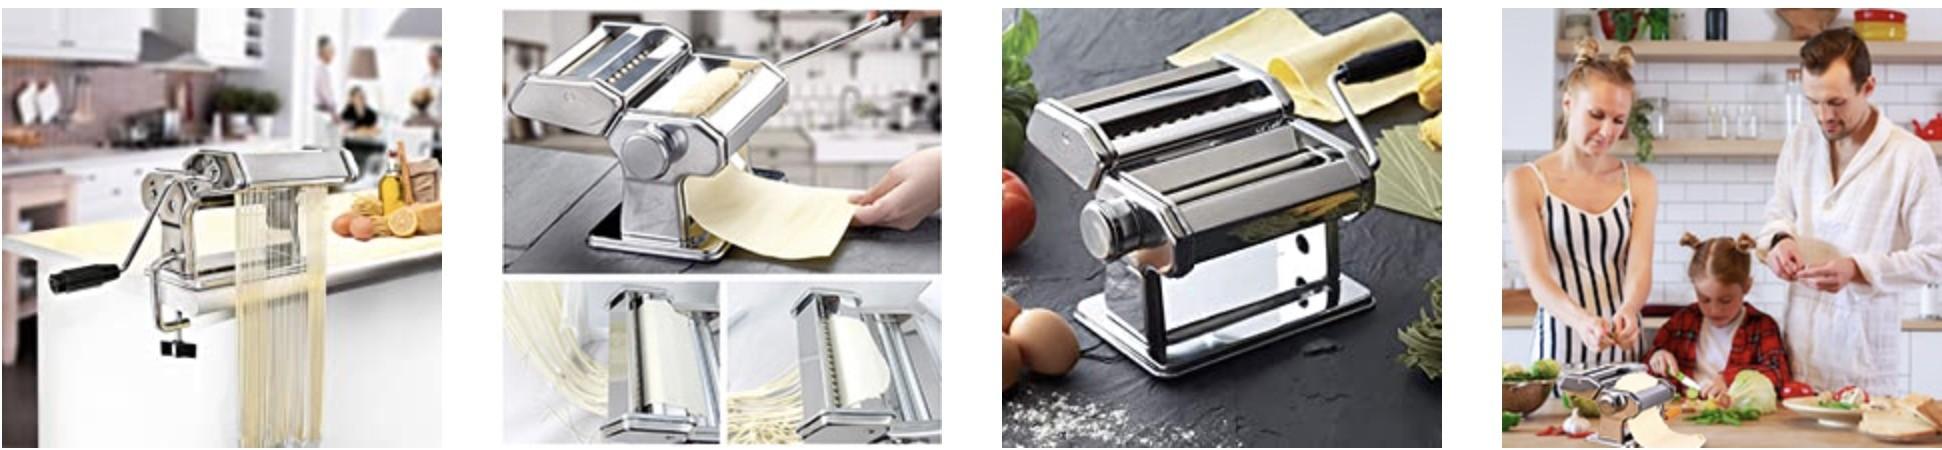 Migliori Macchine per la pasta fatta in casa